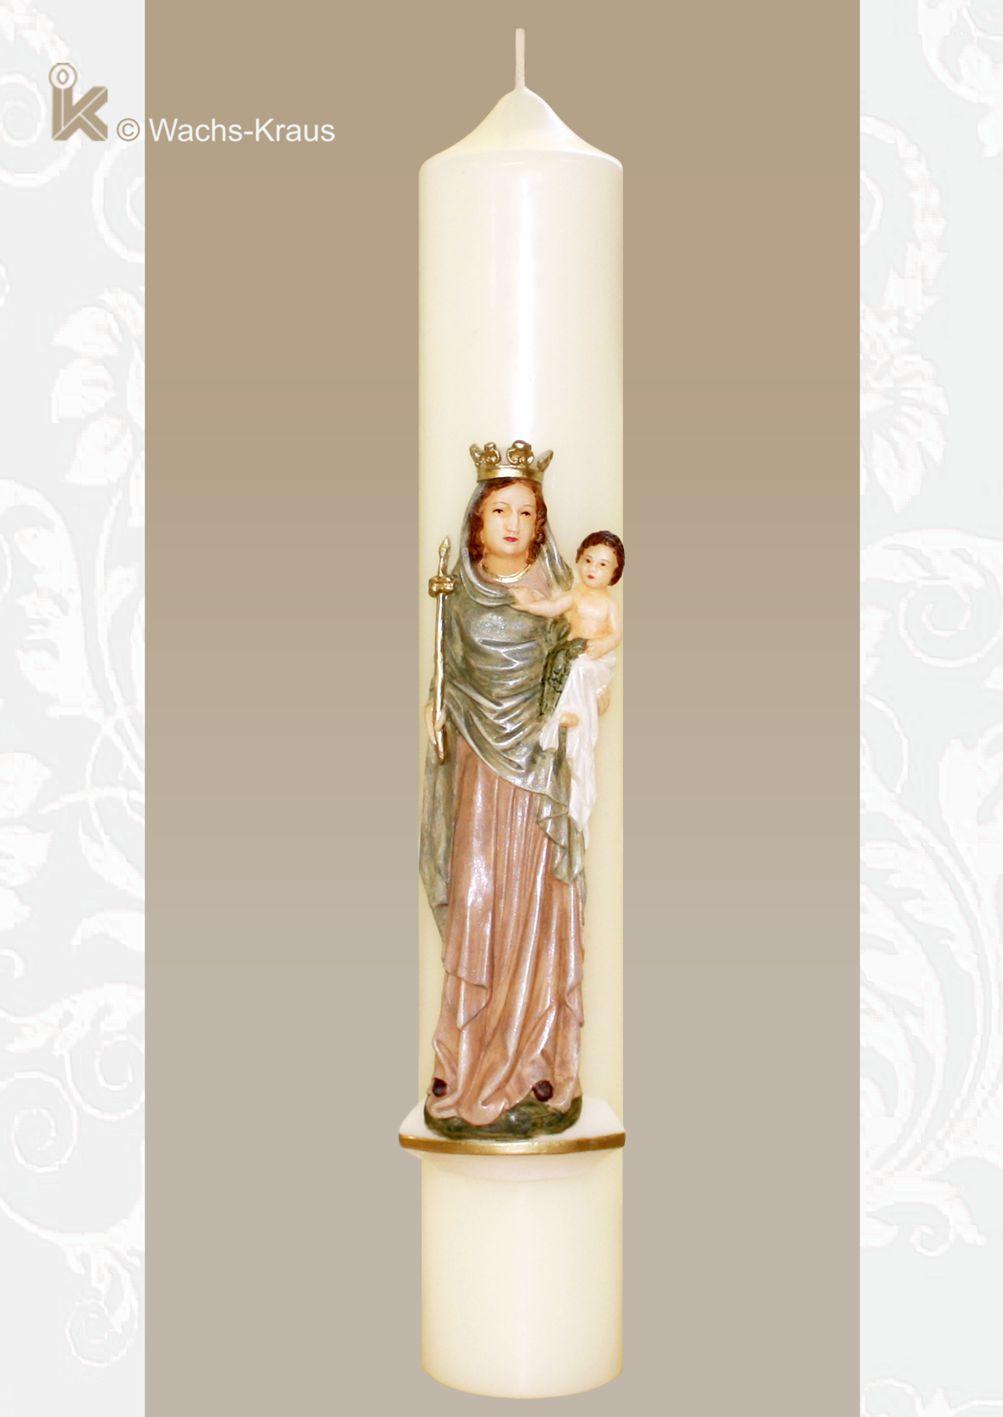 Marienkerze Madonna mit Kind. Wunderschön von einer Wachsbildnerin modellierte und in zarten Pastellfarben bemalte, große Marienkerze.